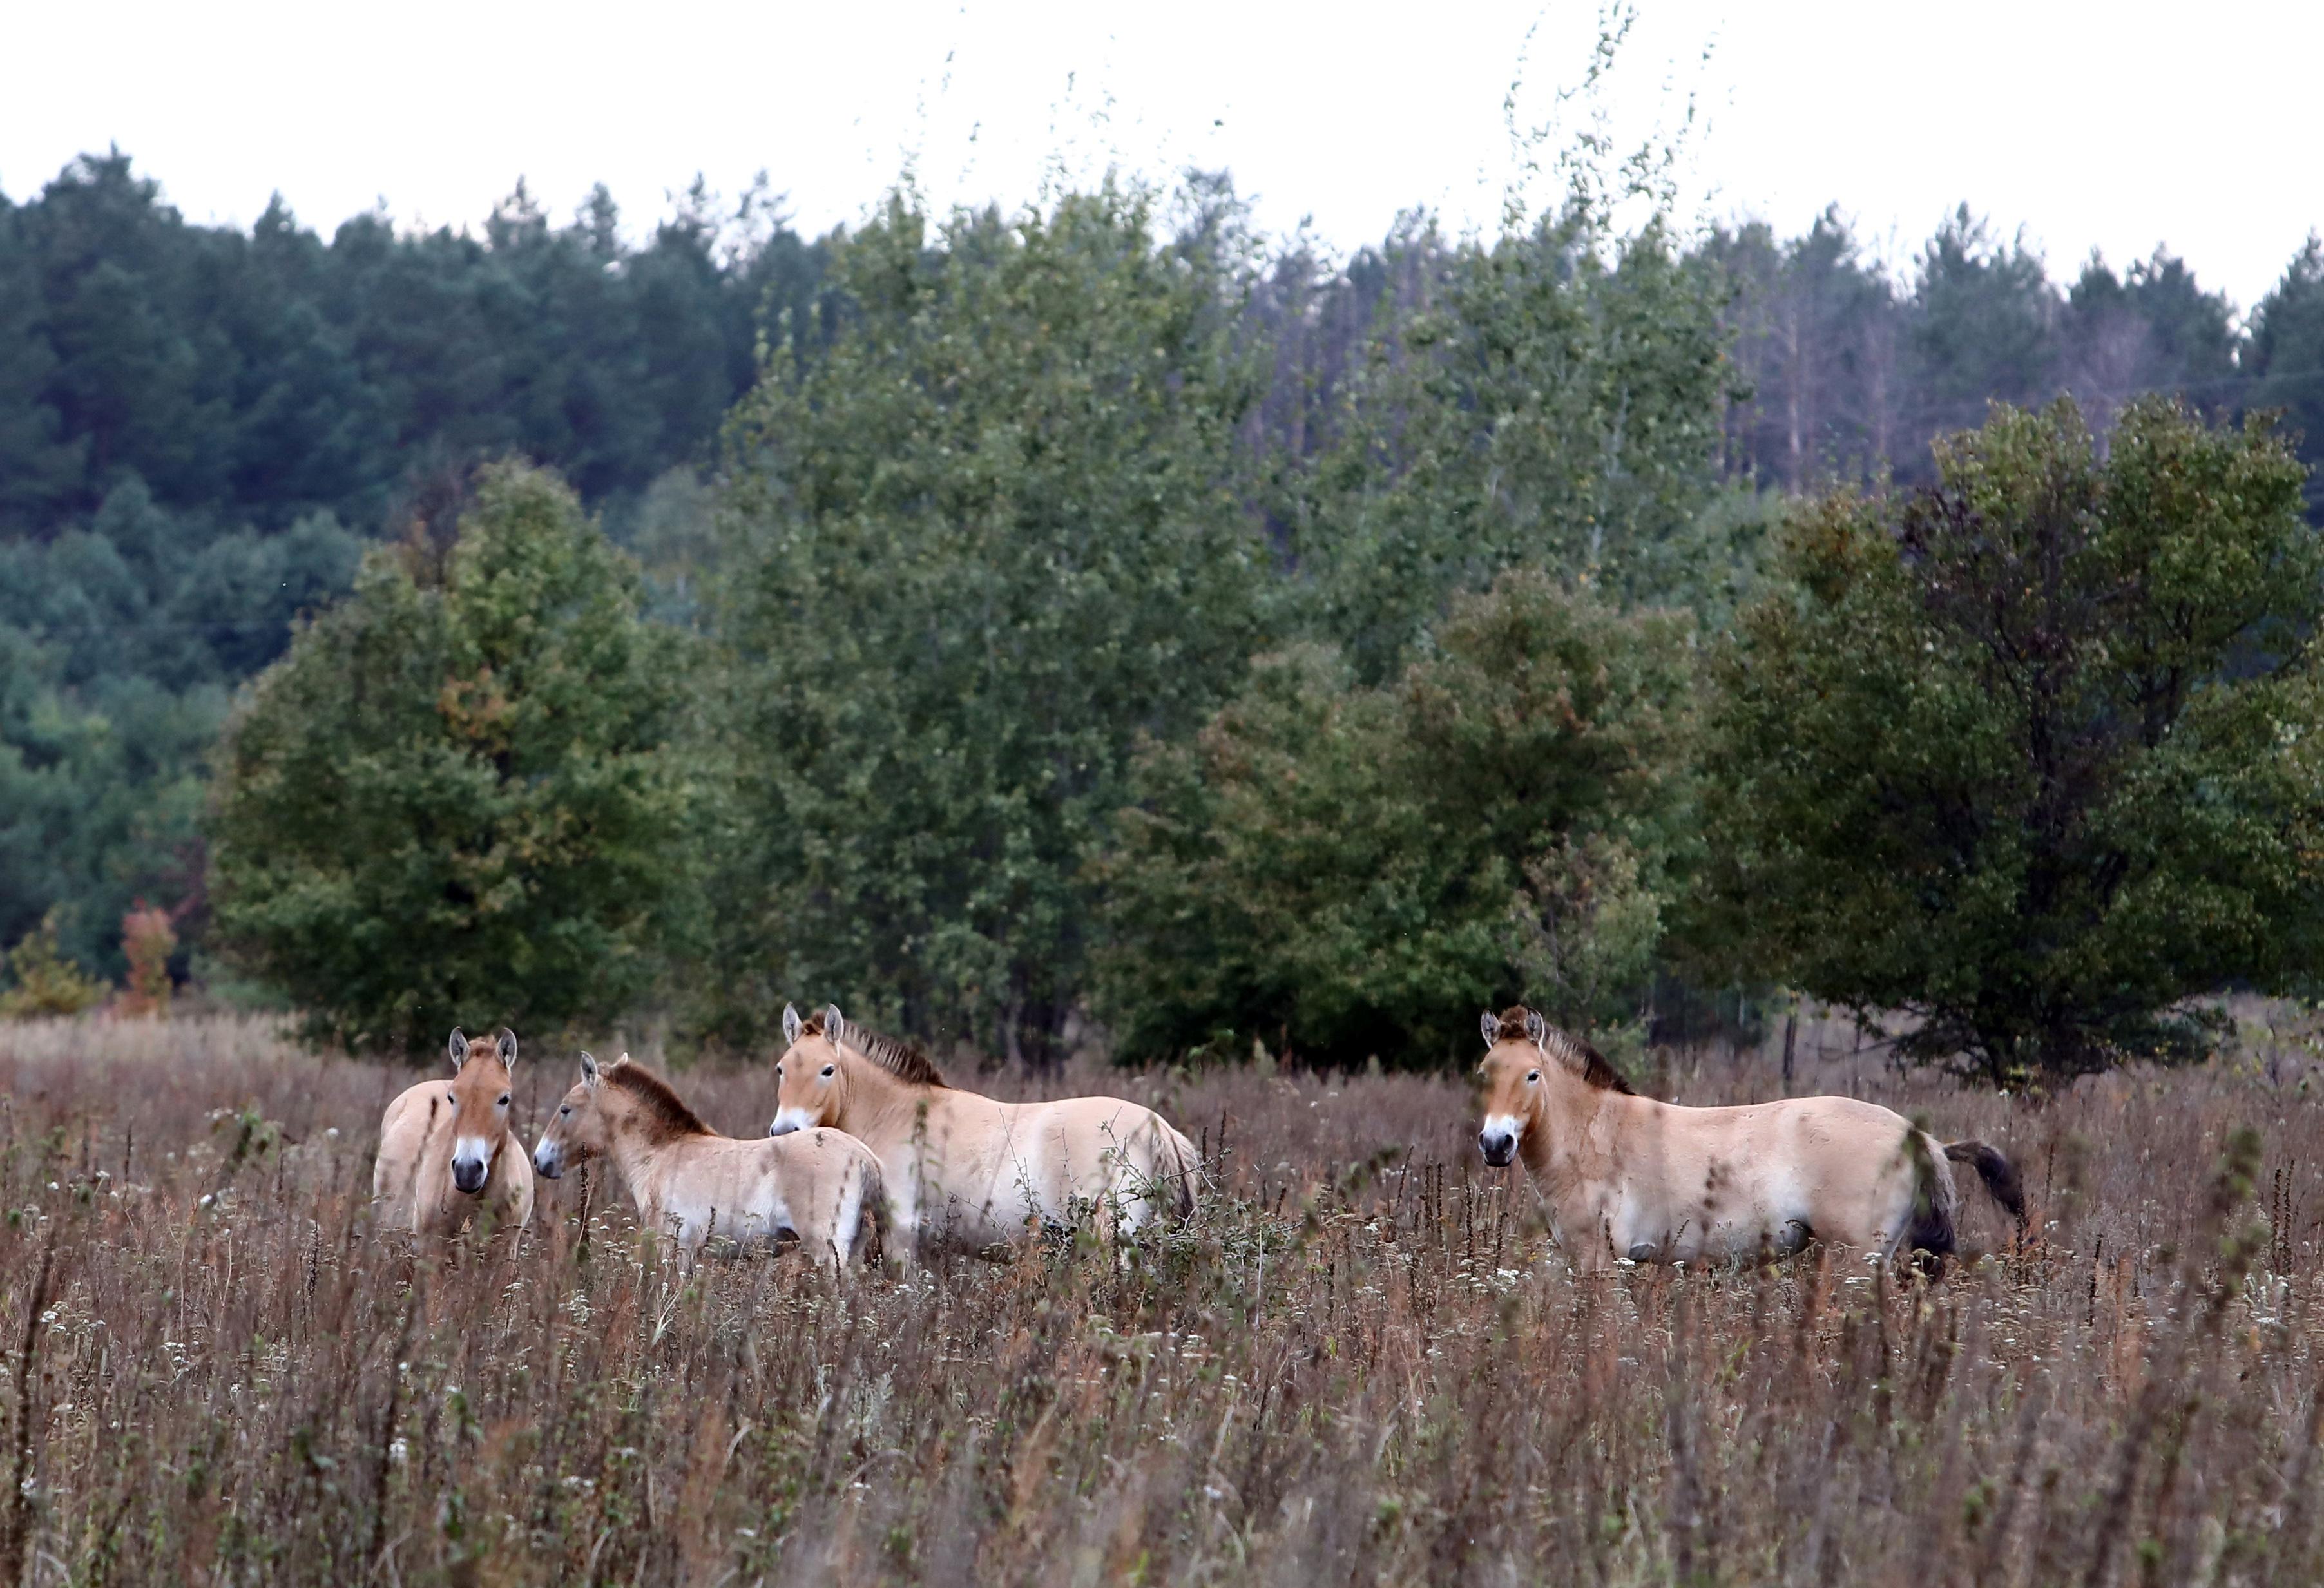 Misterul cailor salbatici de la Cernobil